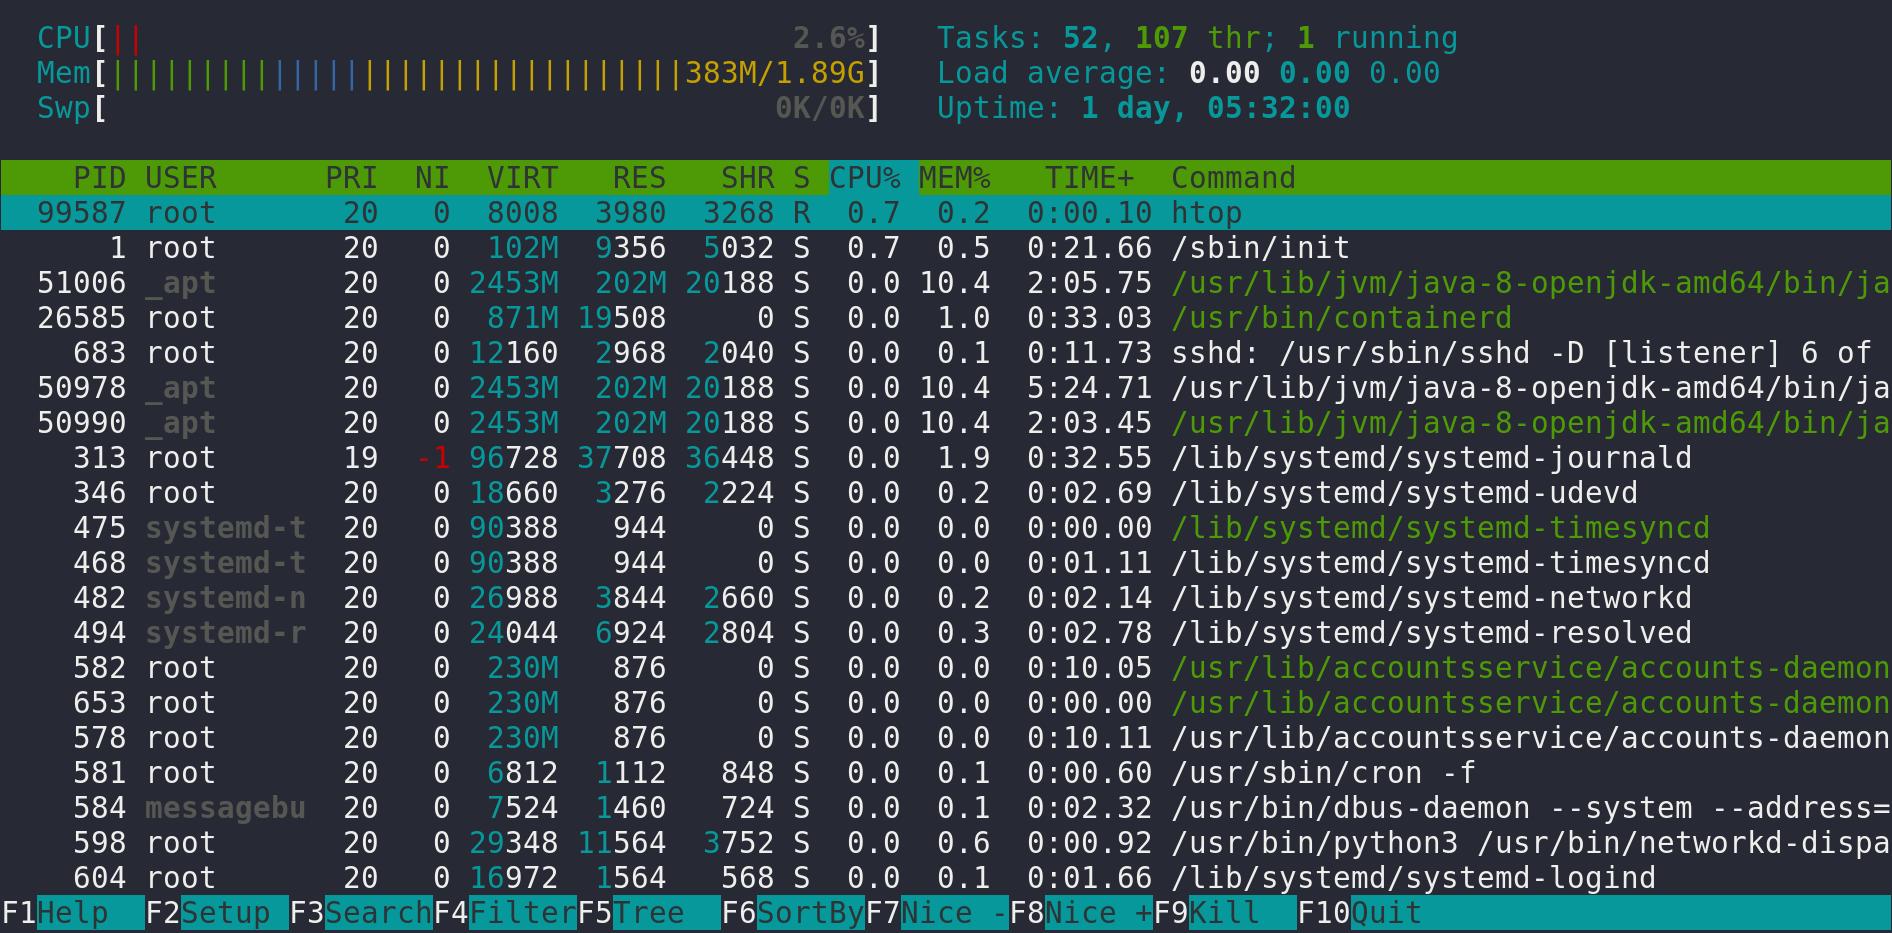 przykładowy wynik działania komendy htop w Linux